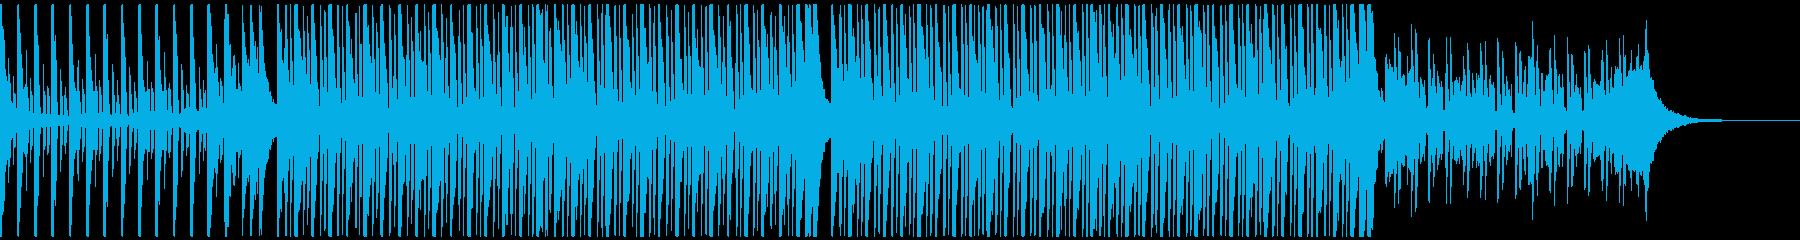 スポーツアクション(60秒)の再生済みの波形